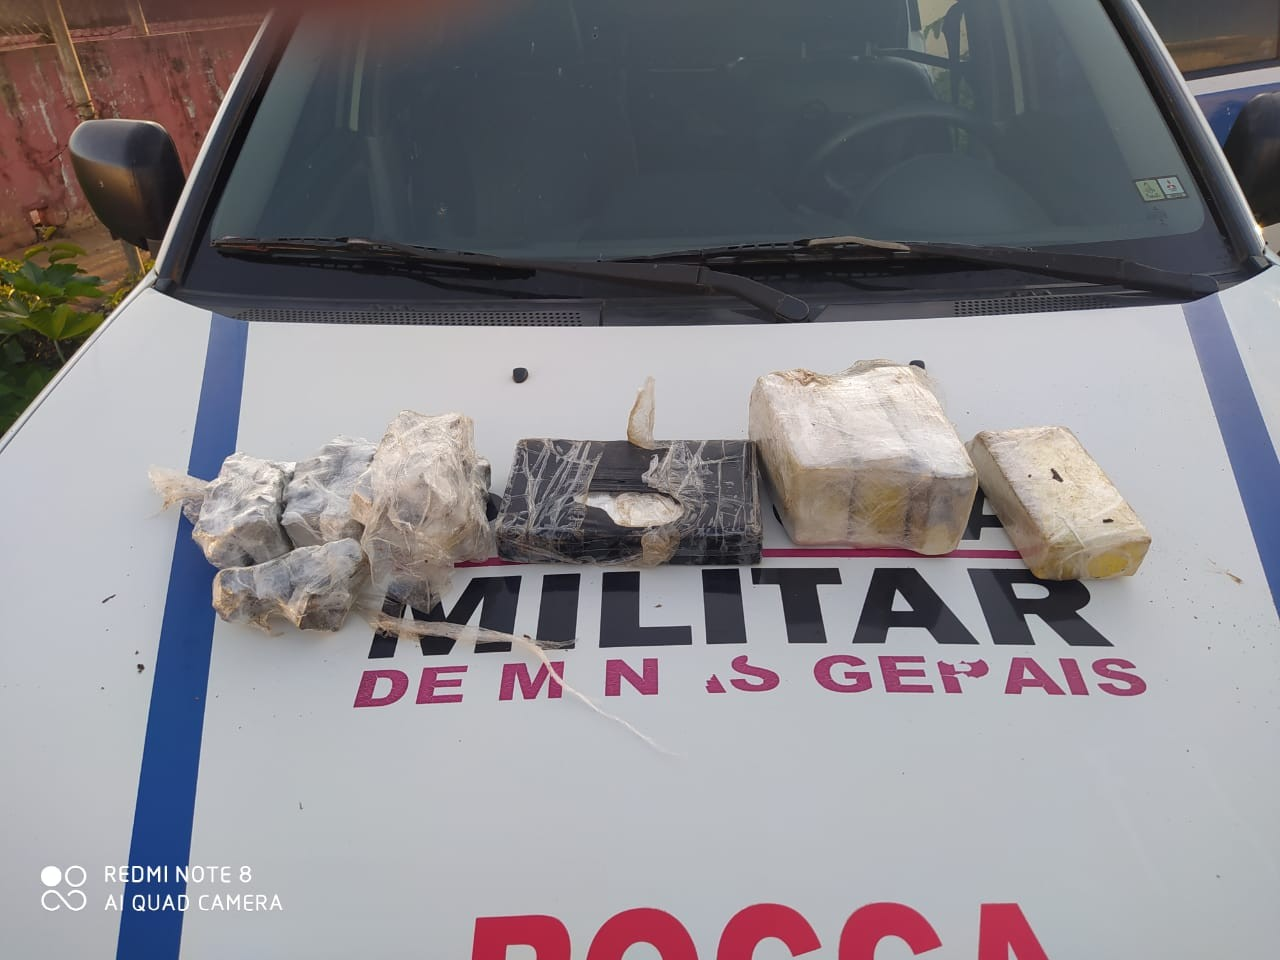 Com ajuda de cadela, PM localiza drogas enterradas às margens do Rio Paranaíba em Patos de Minas